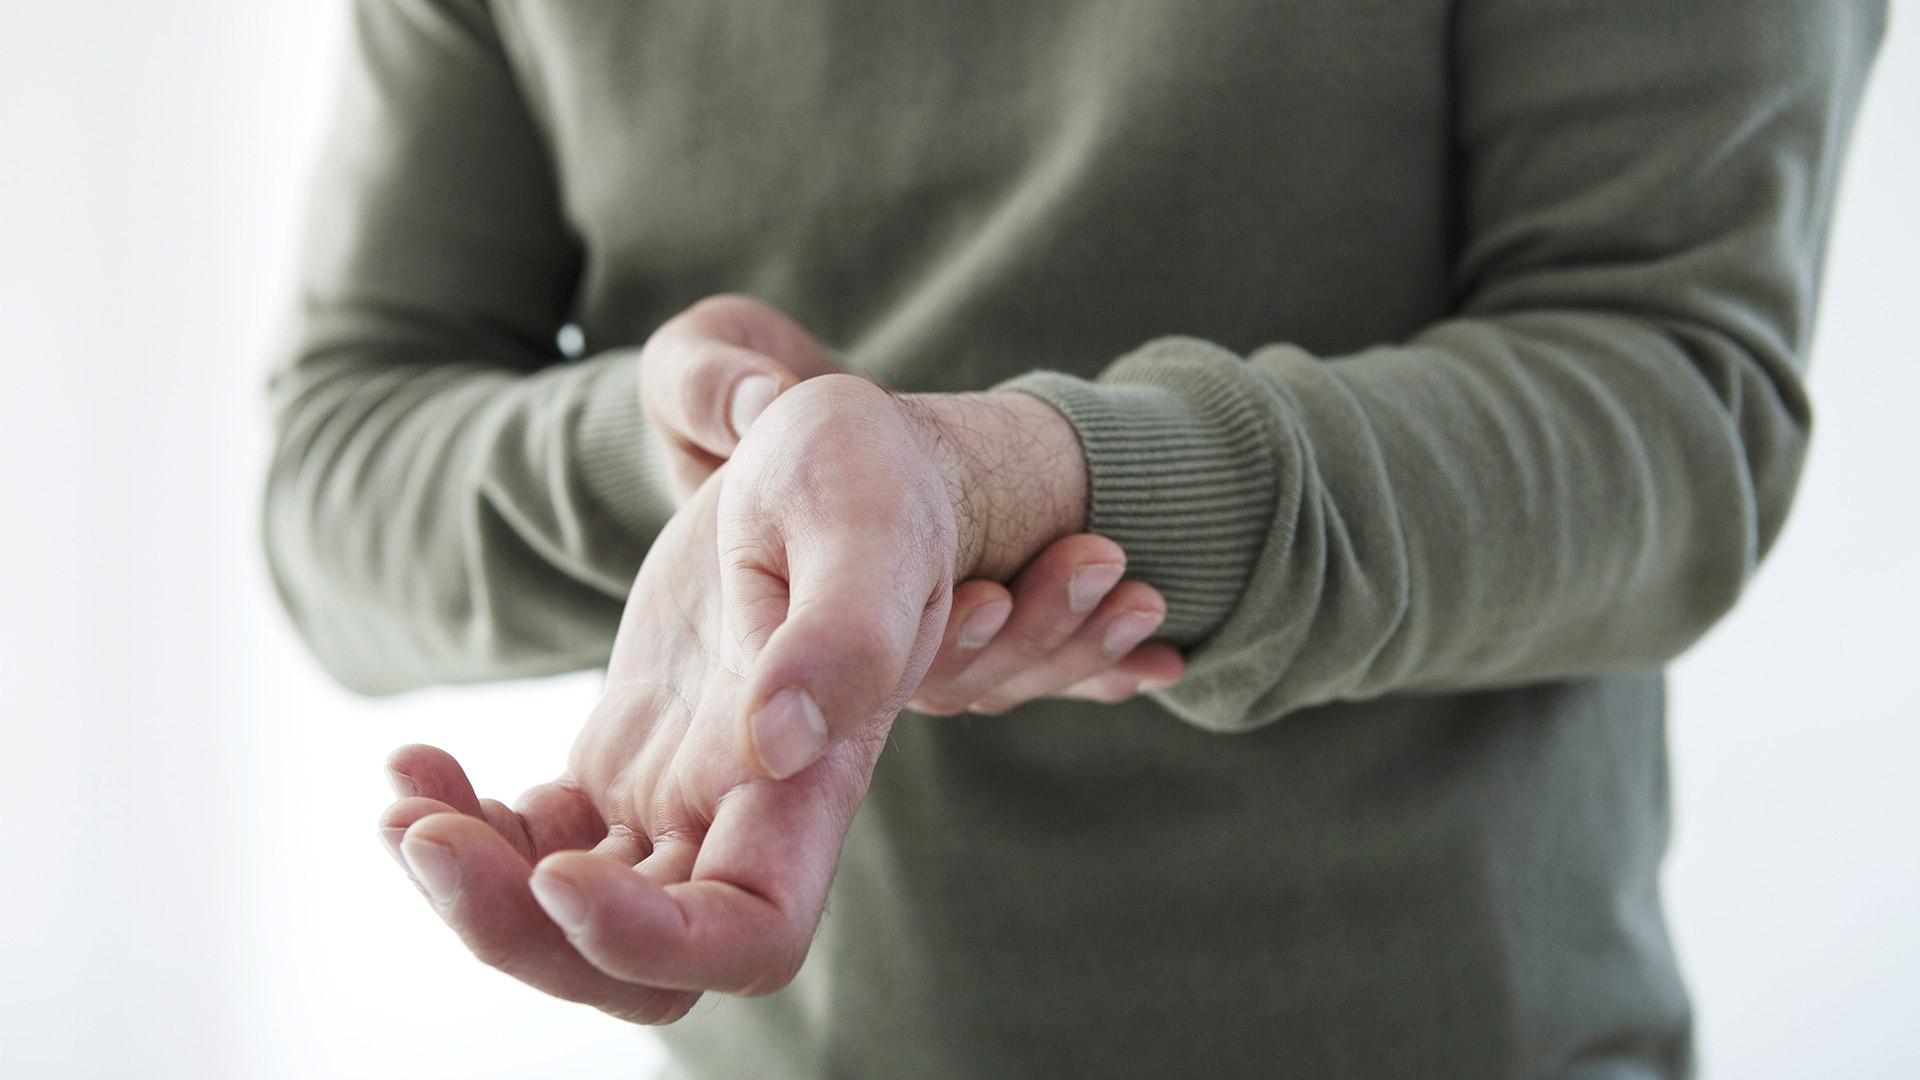 Bevált otthoni praktikák fájós ízületekre - HáziPatika